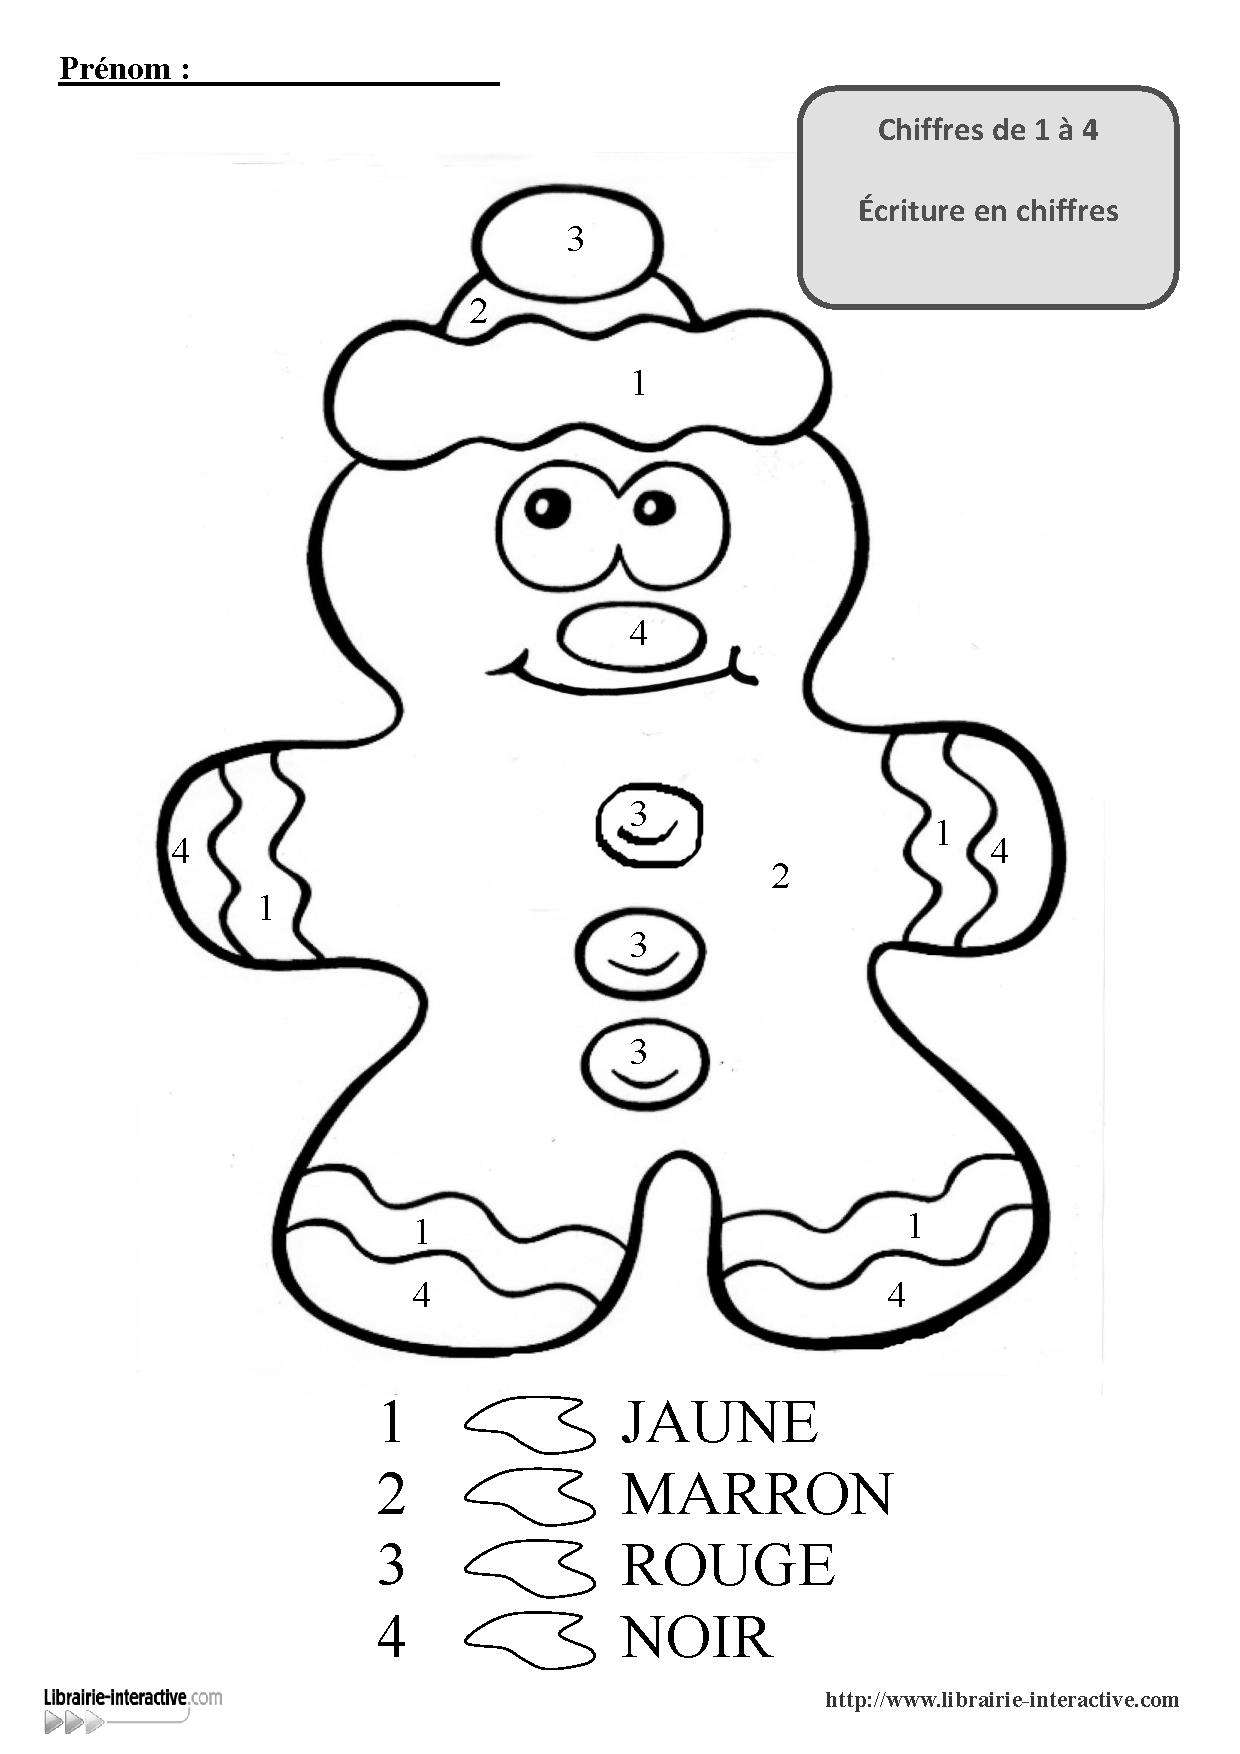 3 Coloriages Magiques Pour Les Maternelles, Pour La Venue De dedans Jeux Educatif 4 Ans A Imprimer